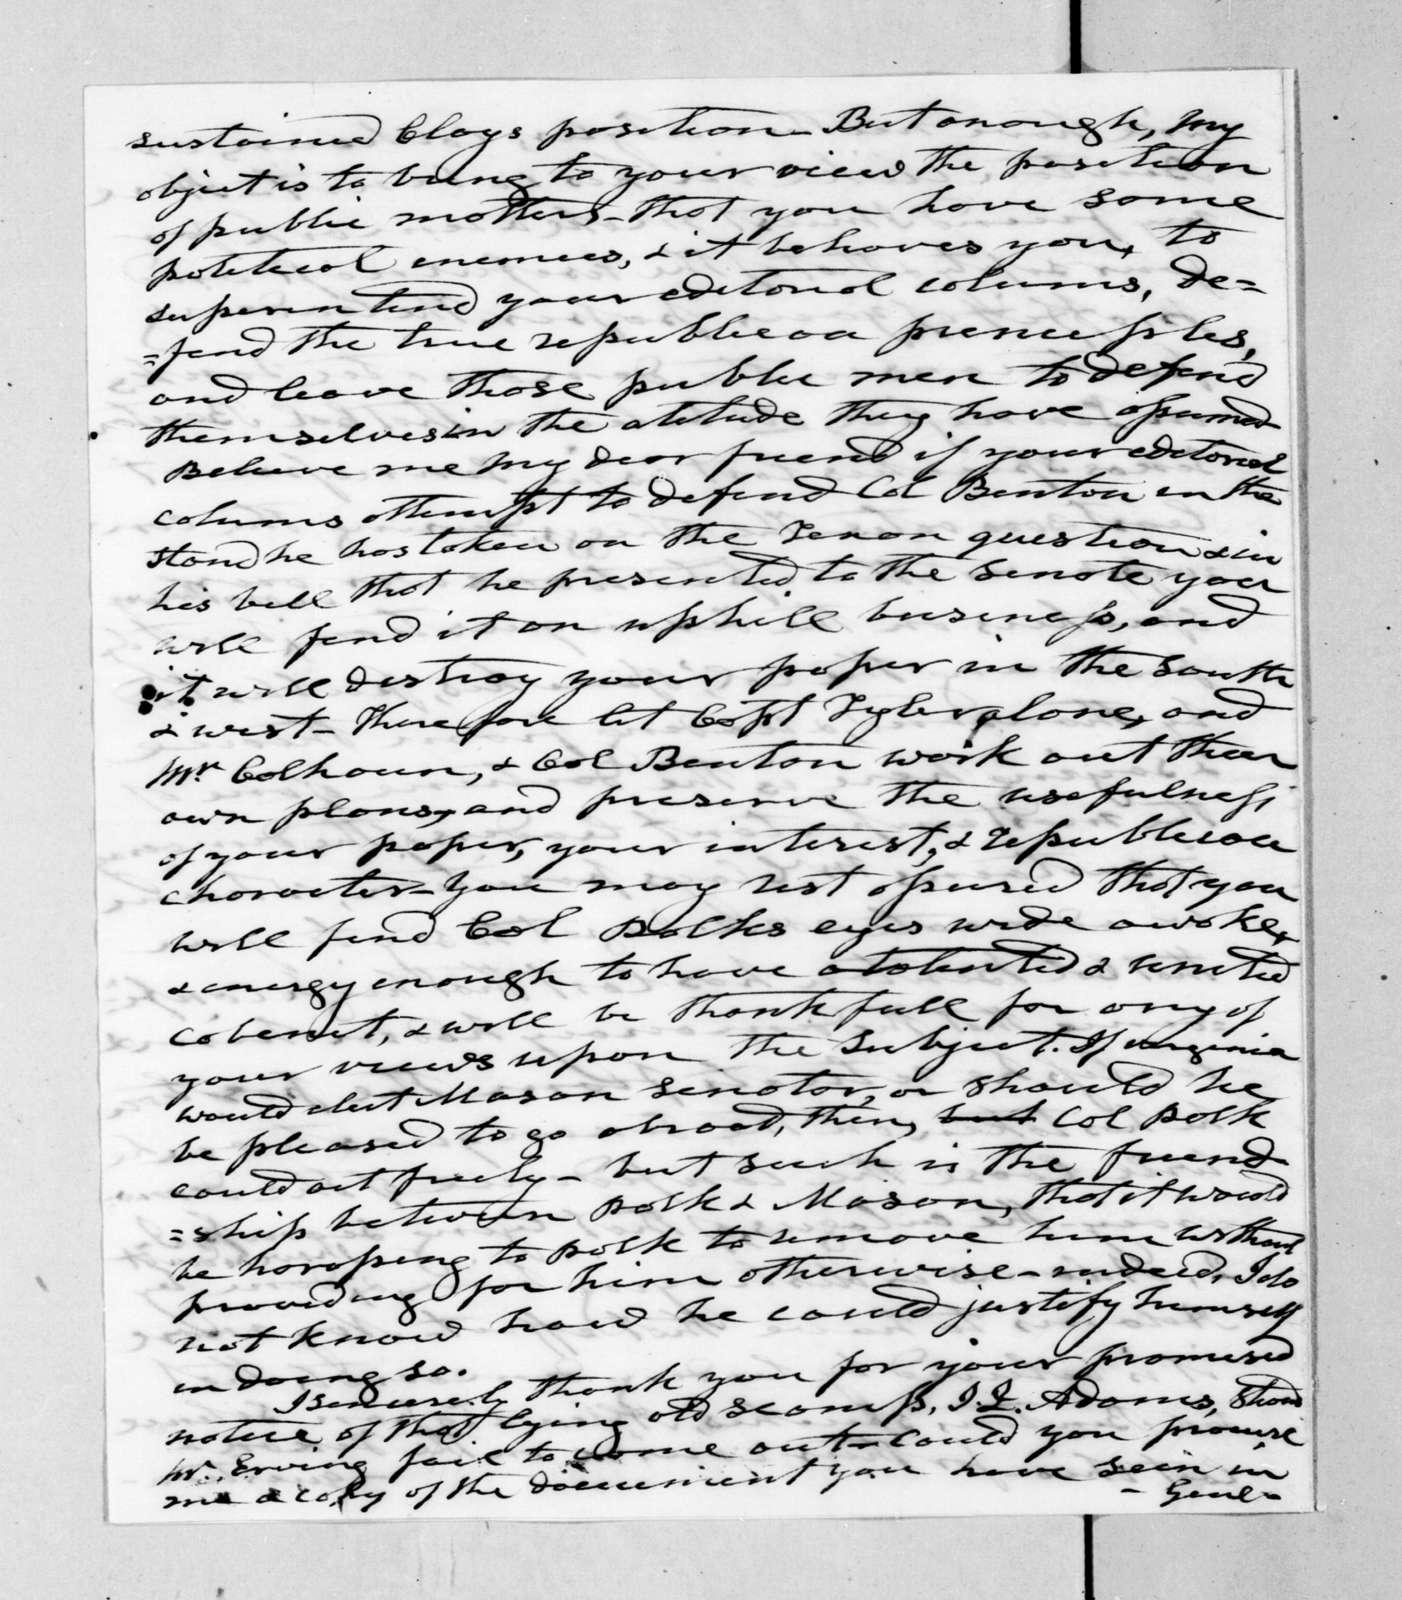 Andrew Jackson to Francis Preston Blair, November 29, 1844